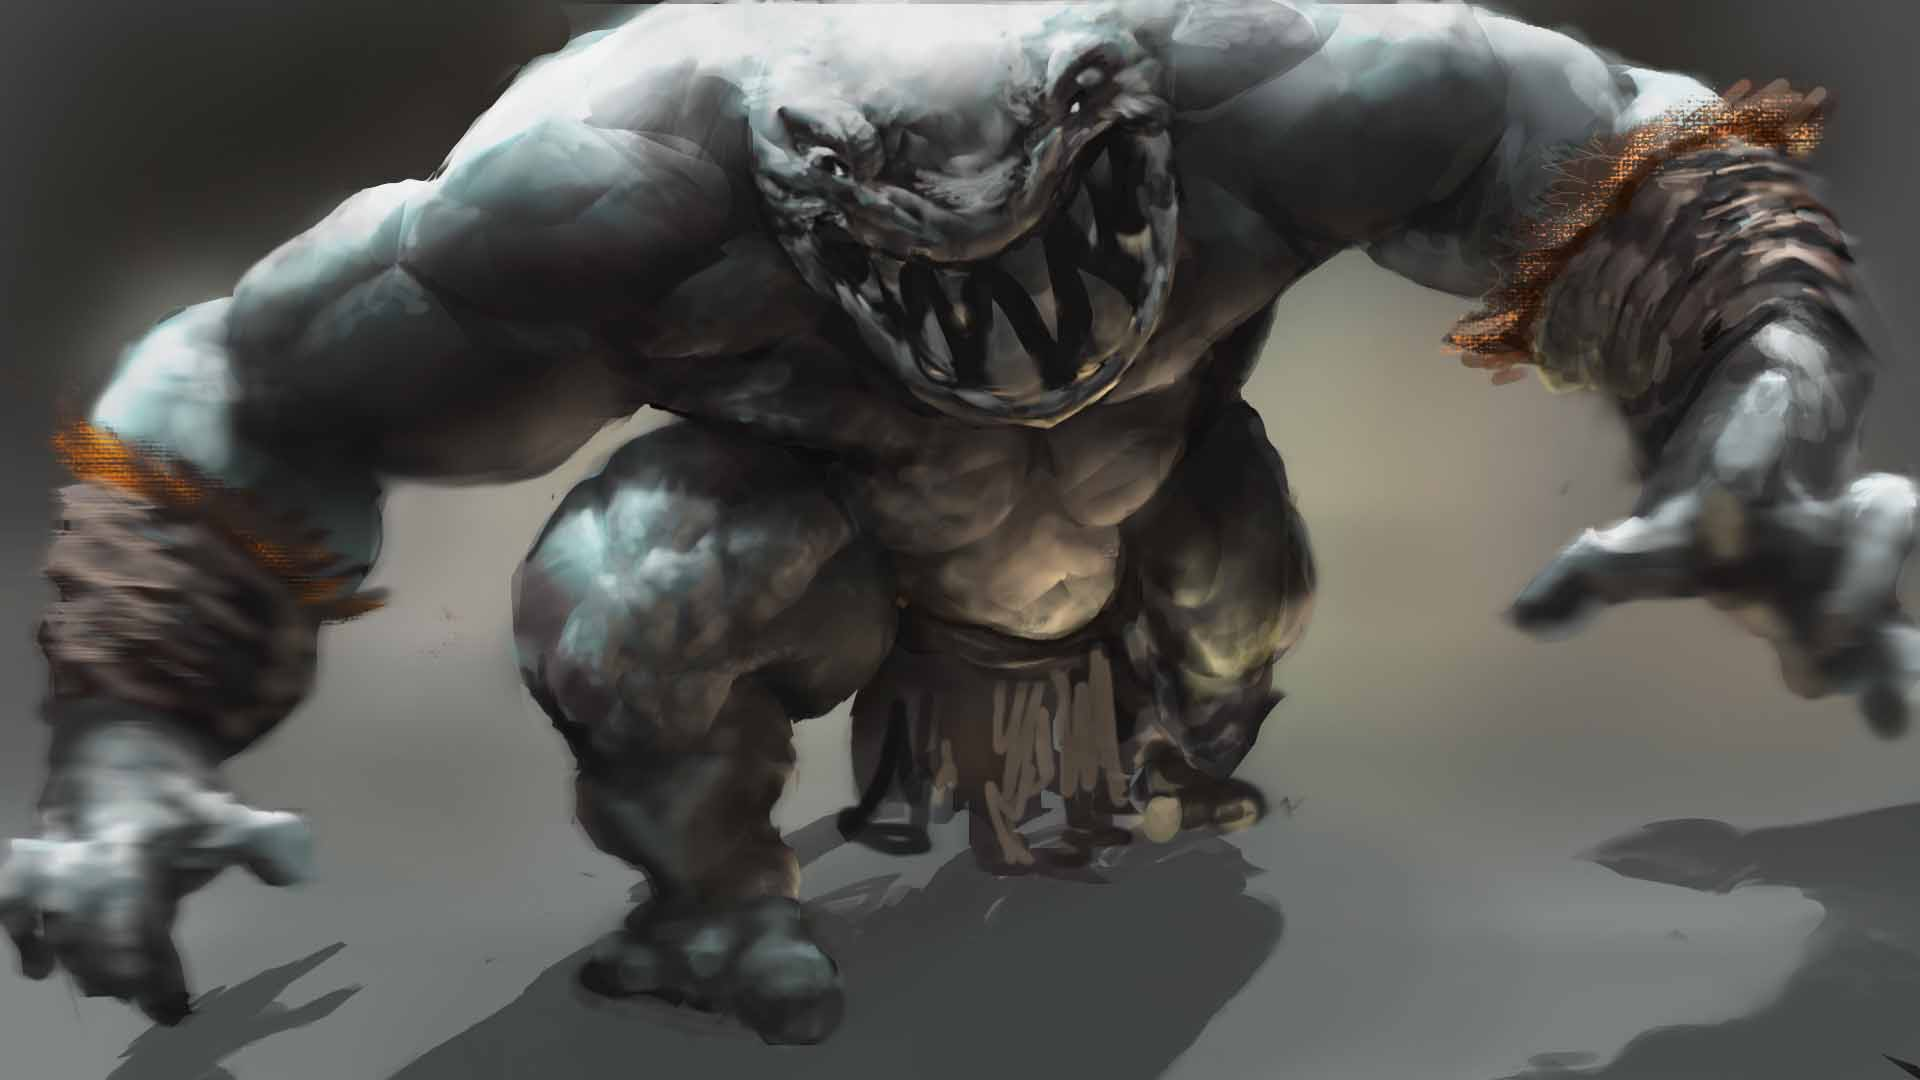 big dude